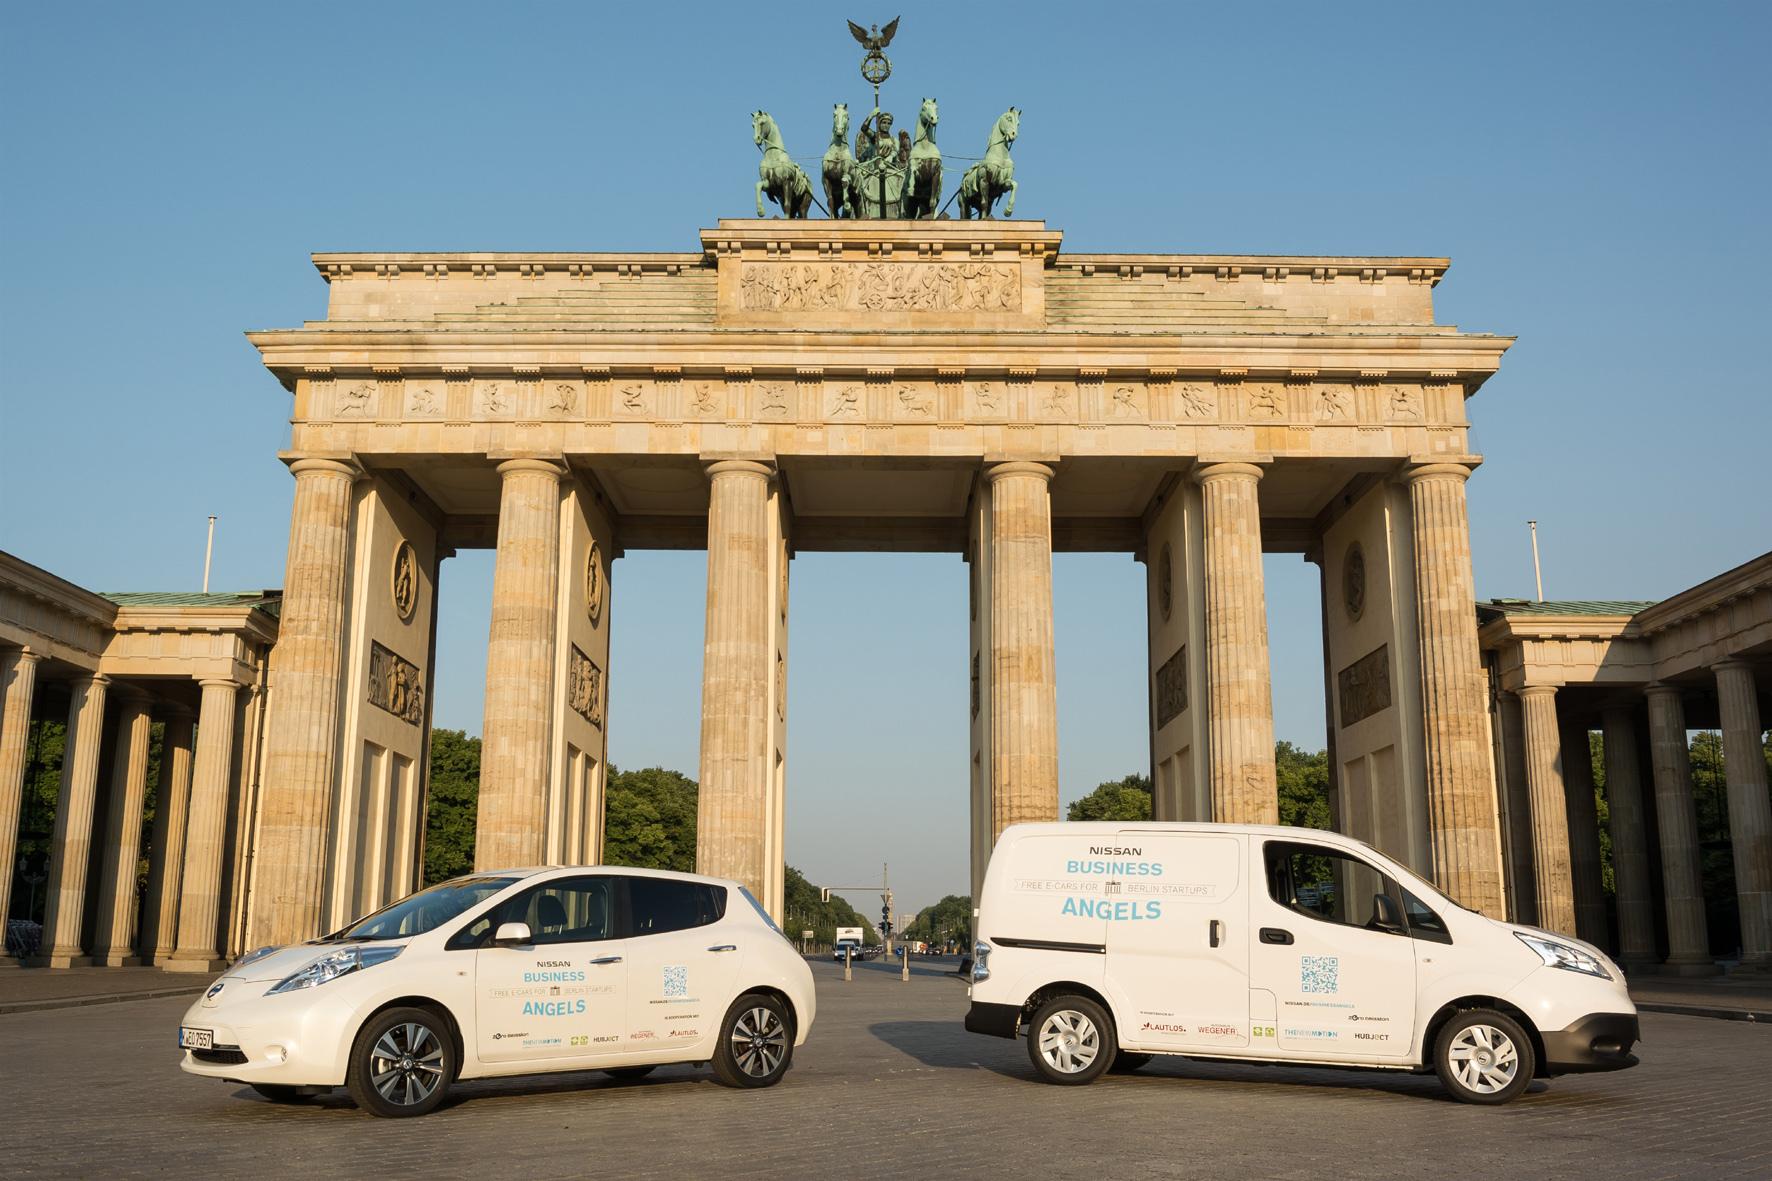 mid Groß-Gerau - Die E-Auto-Kaufprämie kommt: Die Reaktion auf das Maßnahmenpaket der Berliner Bundespolitiker fällt gemischt aus.